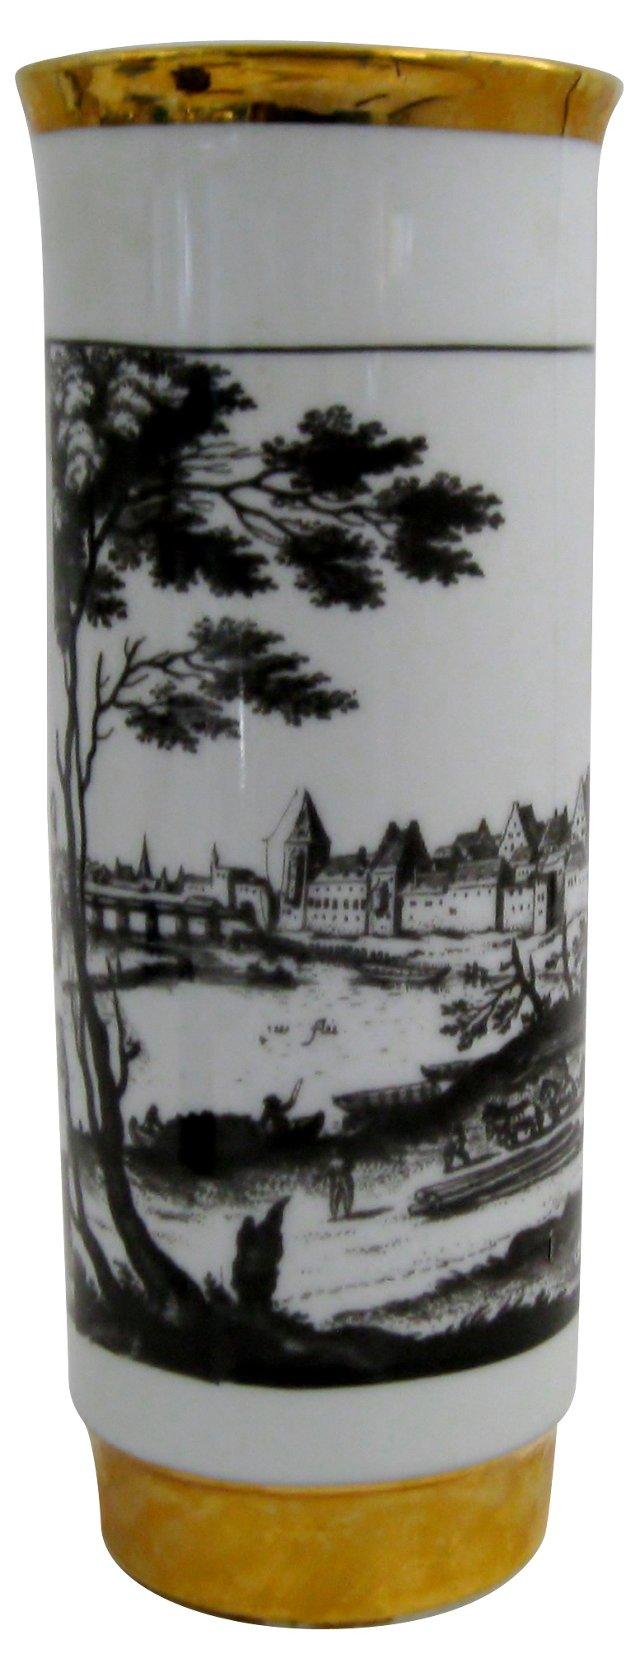 Black on White Porcelain Vase